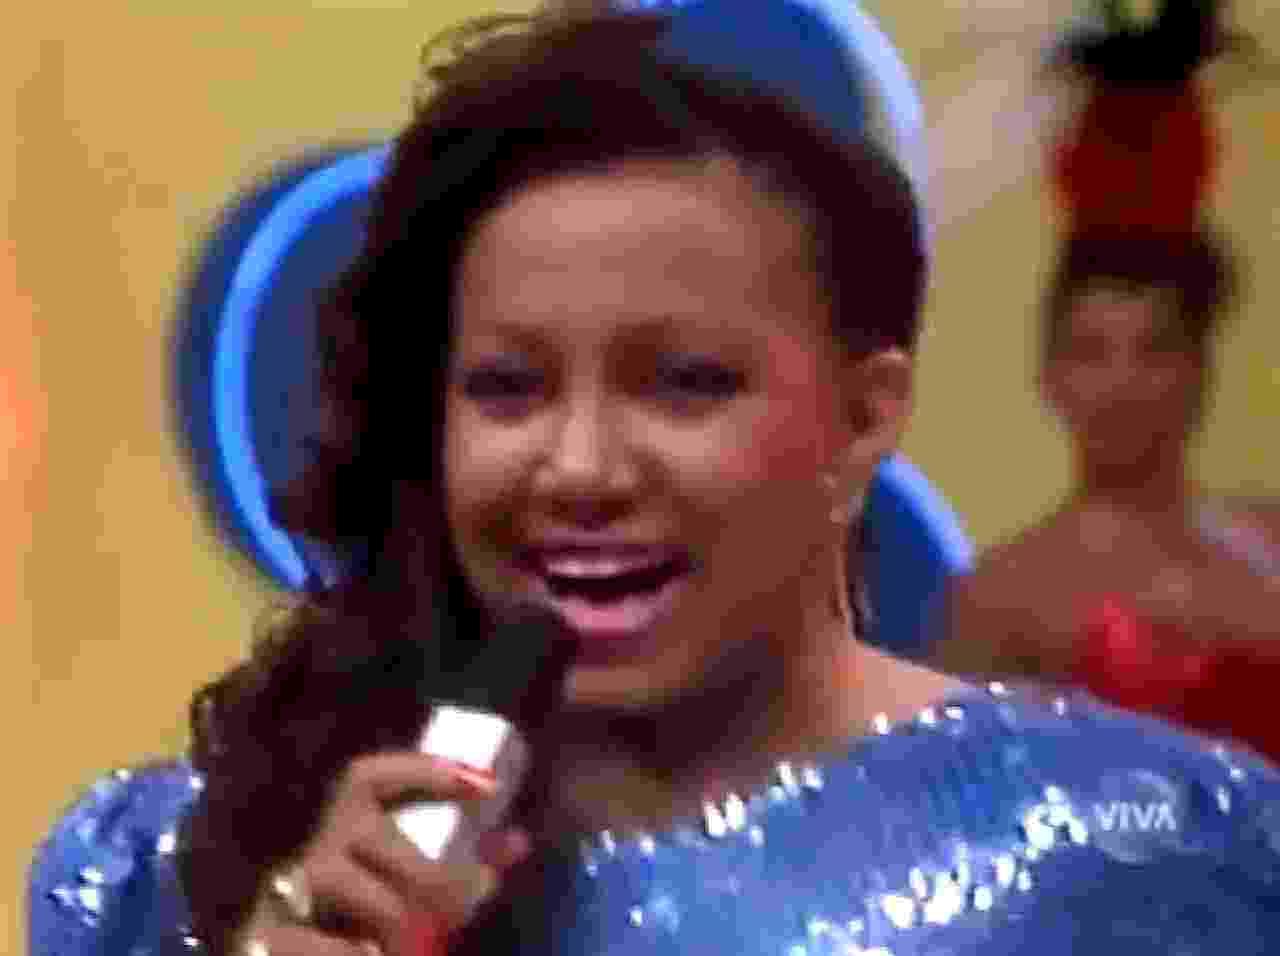 """Alcione se apresenta no programa """"Cassino do Chacrinha"""" especial de Carnaval, em 1988 - Reprodução"""